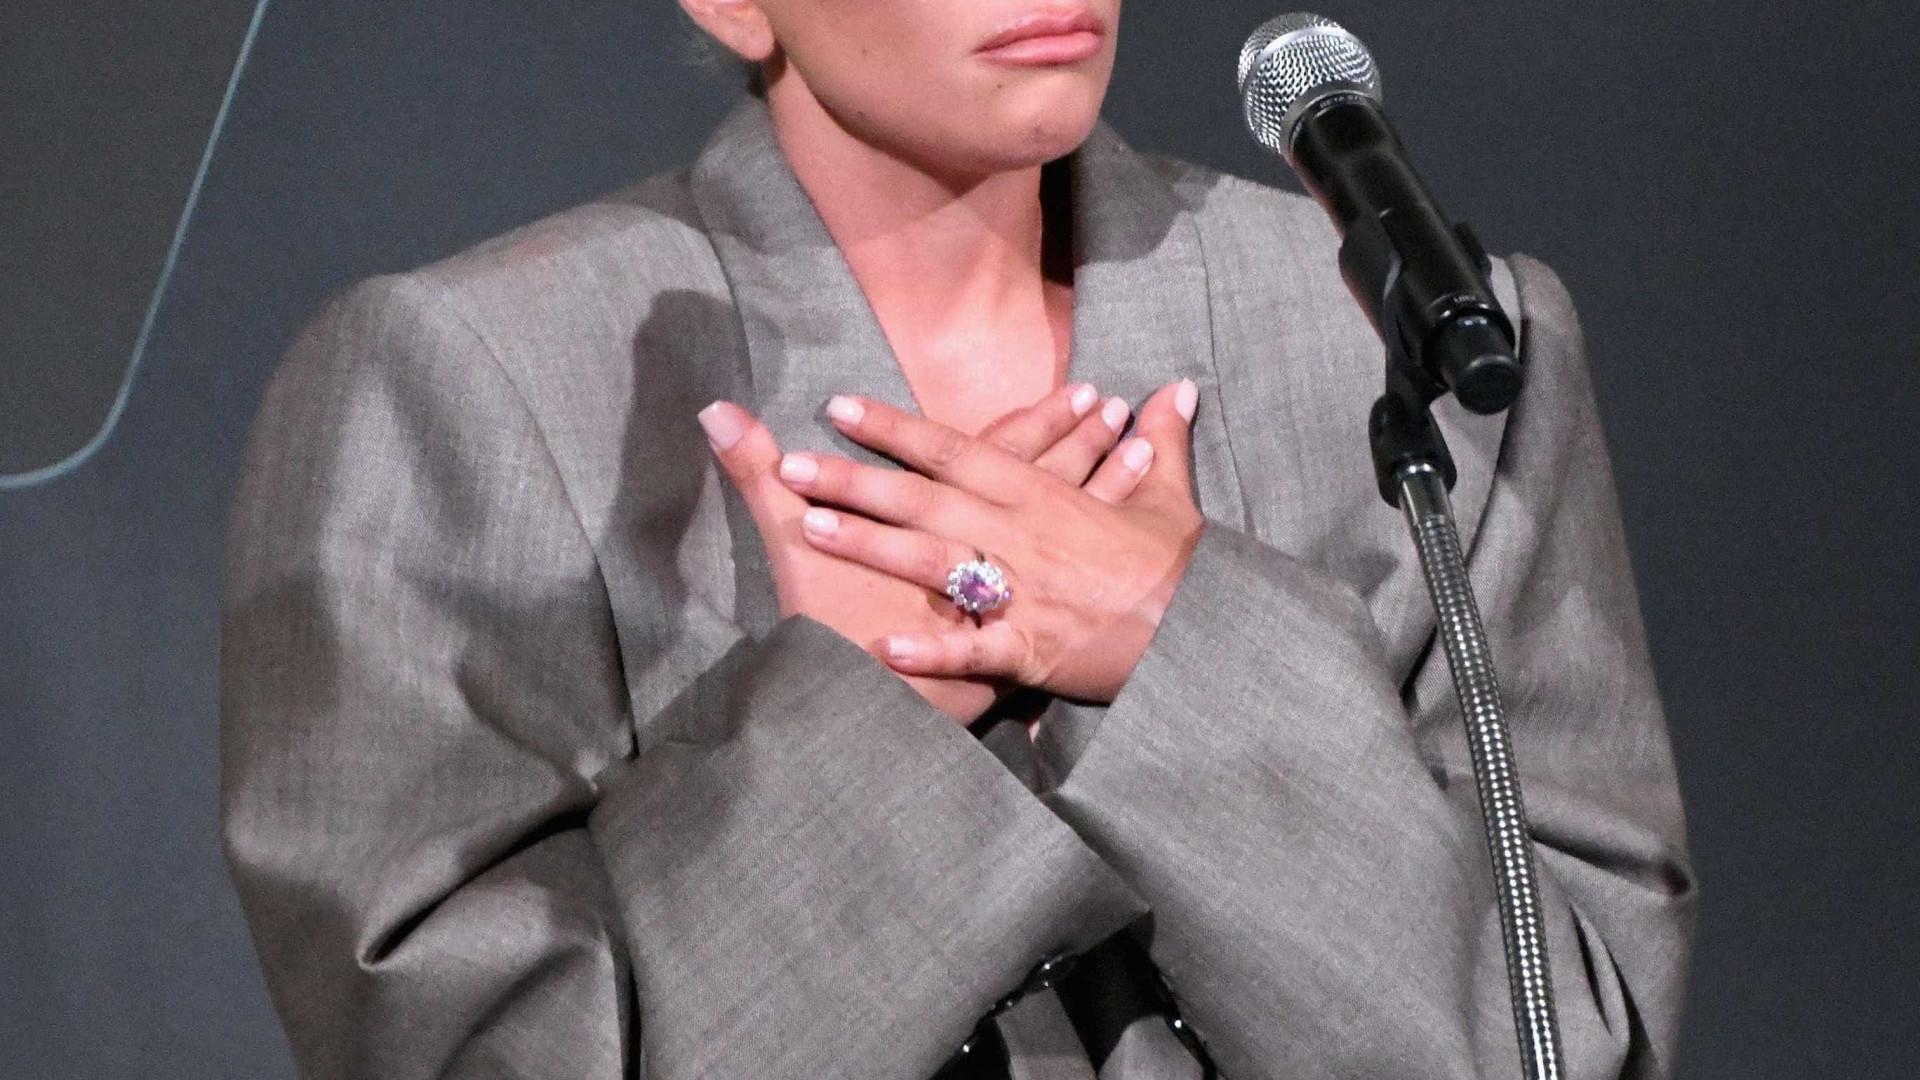 Aliança de noivado de Lady Gaga é avaliada em cerca de R$ 1,5 milhão